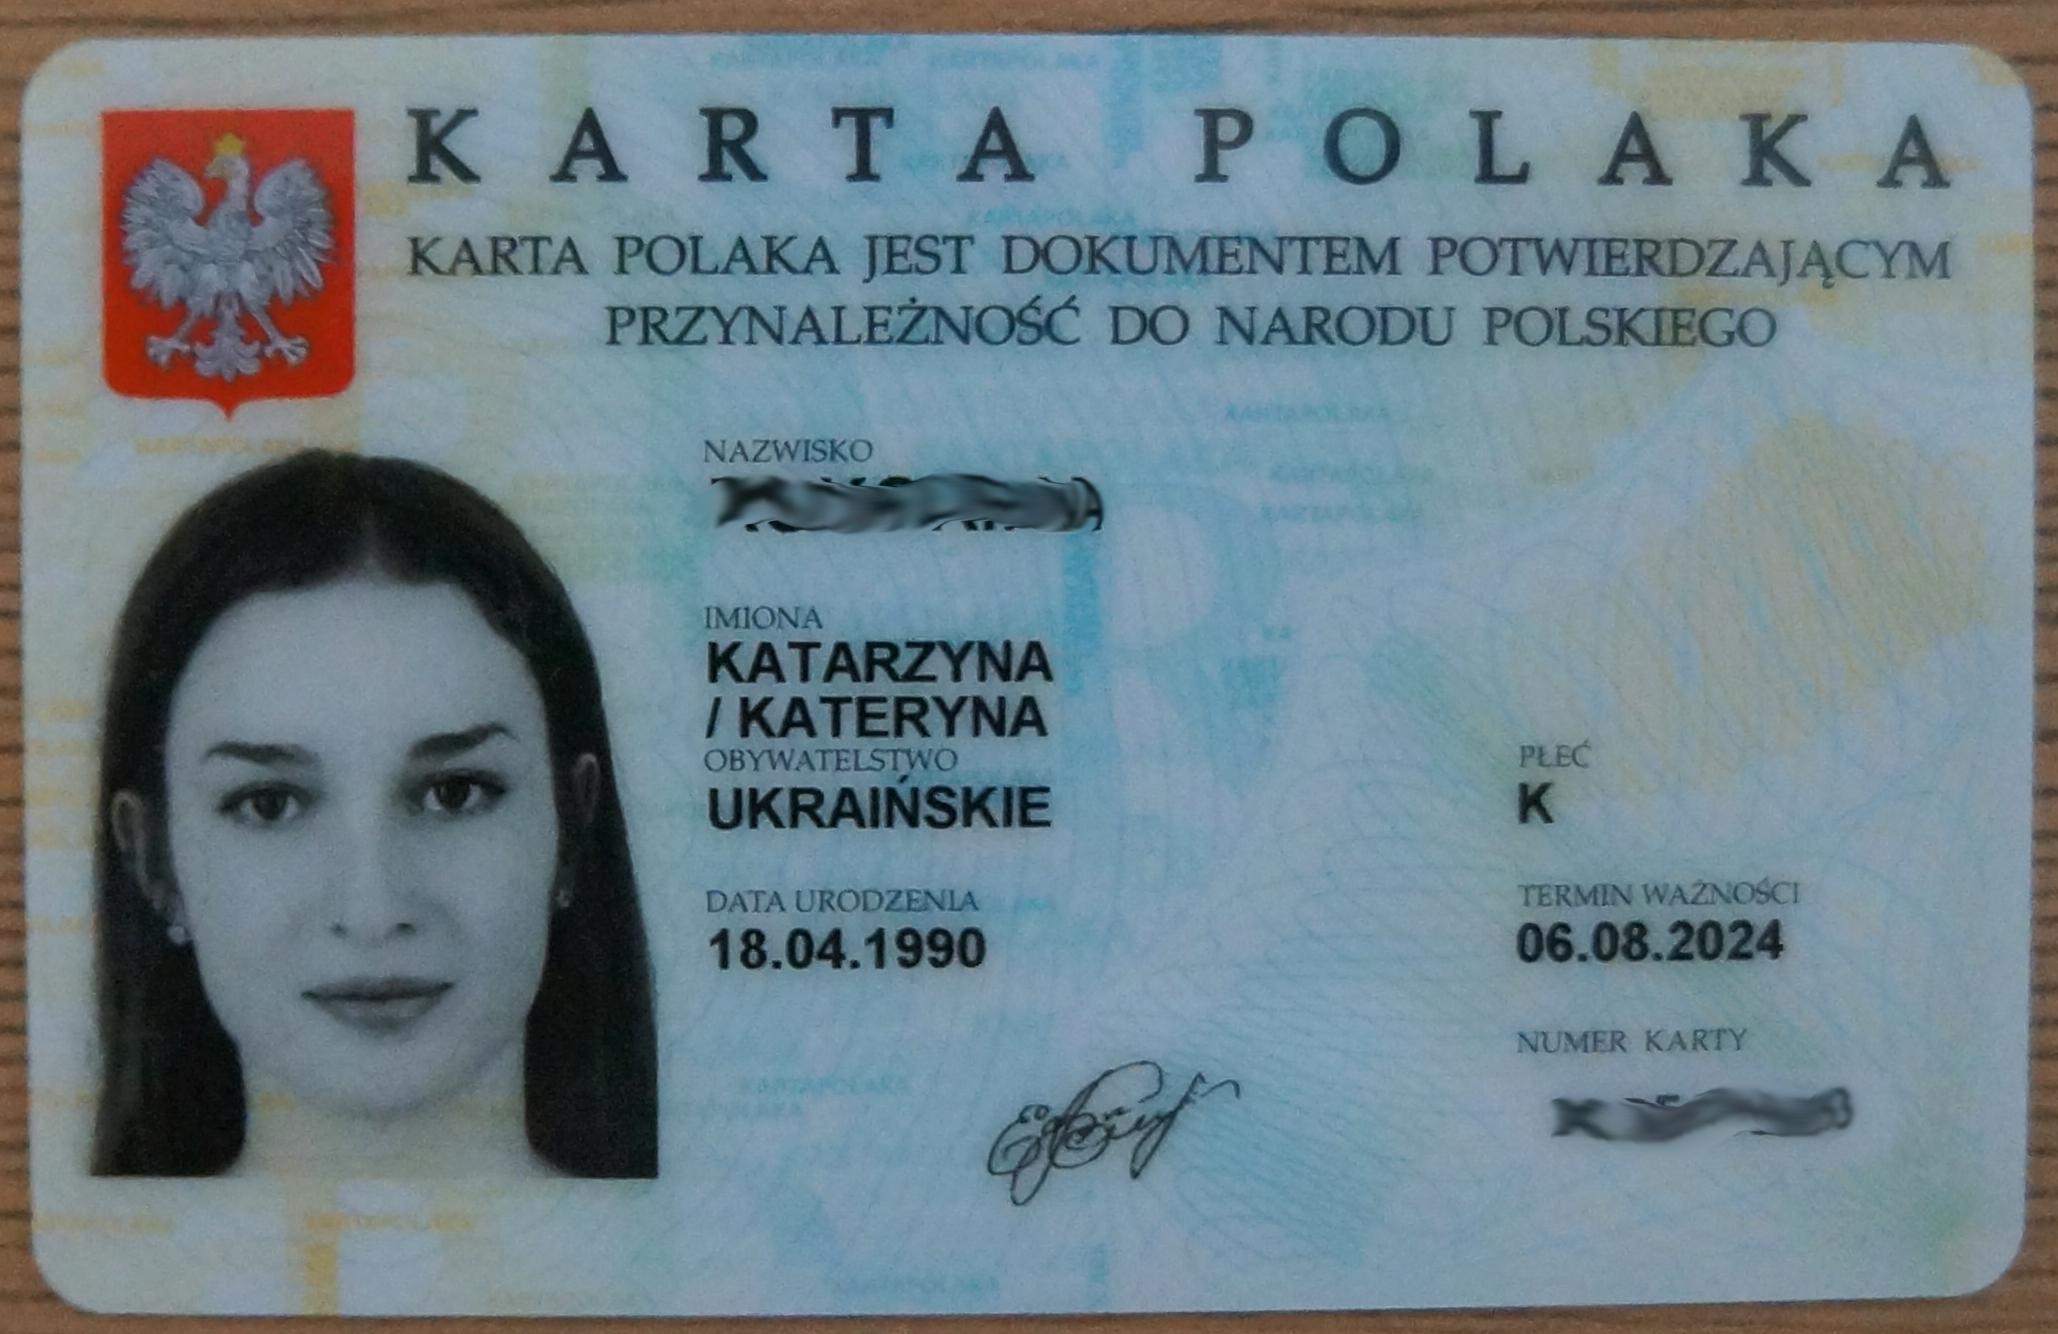 получение гражданства Польши на основании Карты поляка